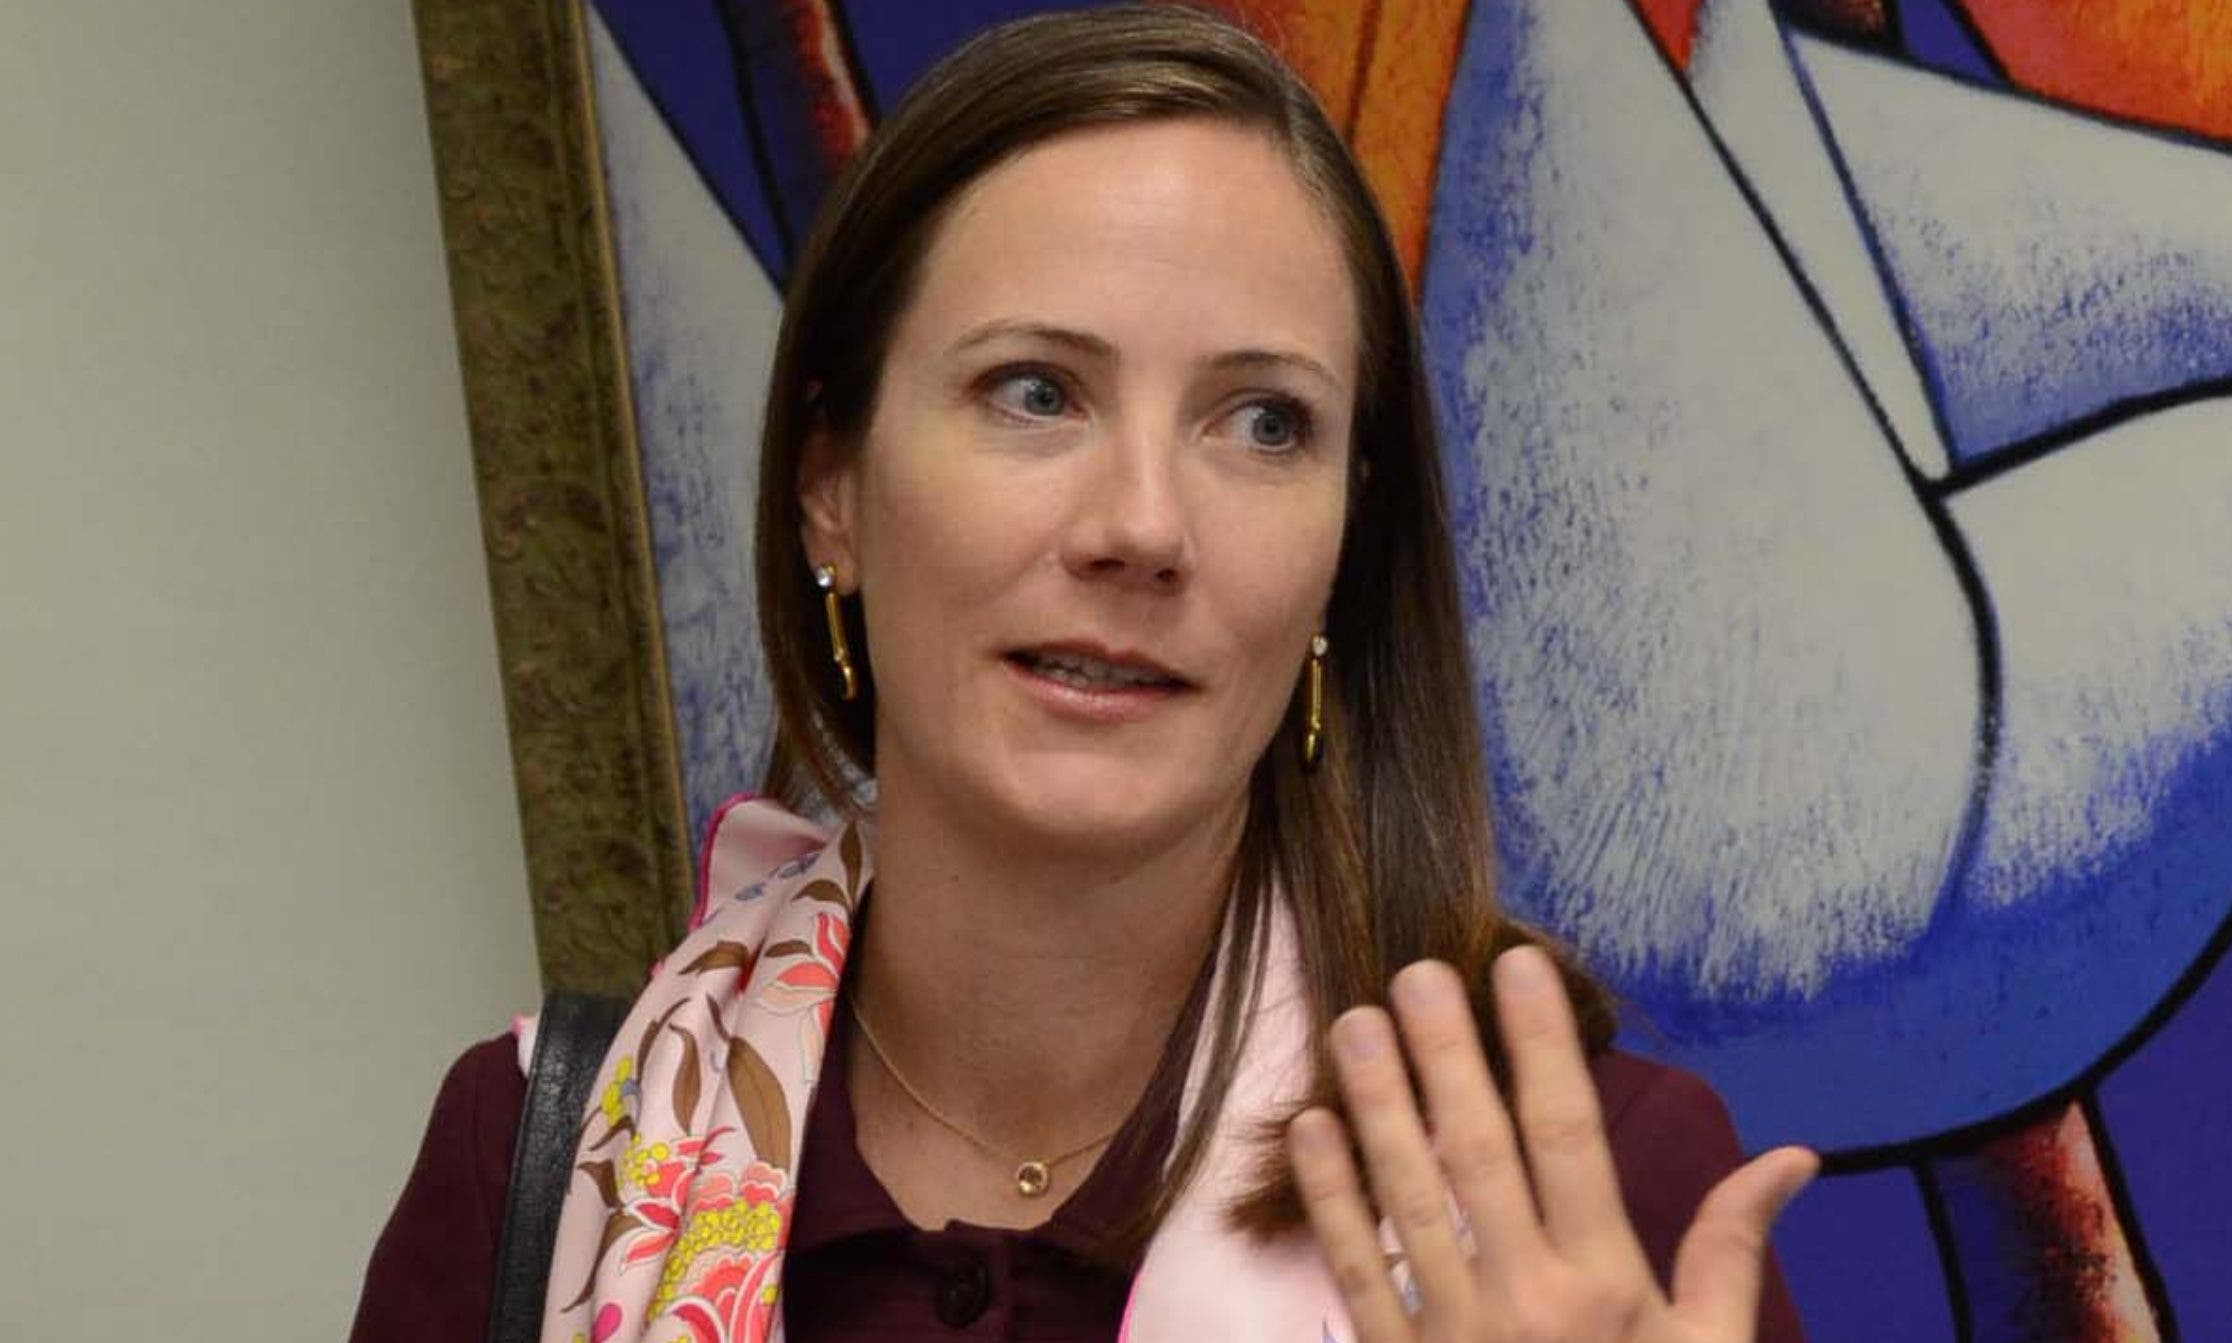 La embajadora de Canada en el pais, señora Shauna Hemingway,visito al director del periódico El Día/foto Jose de Leon